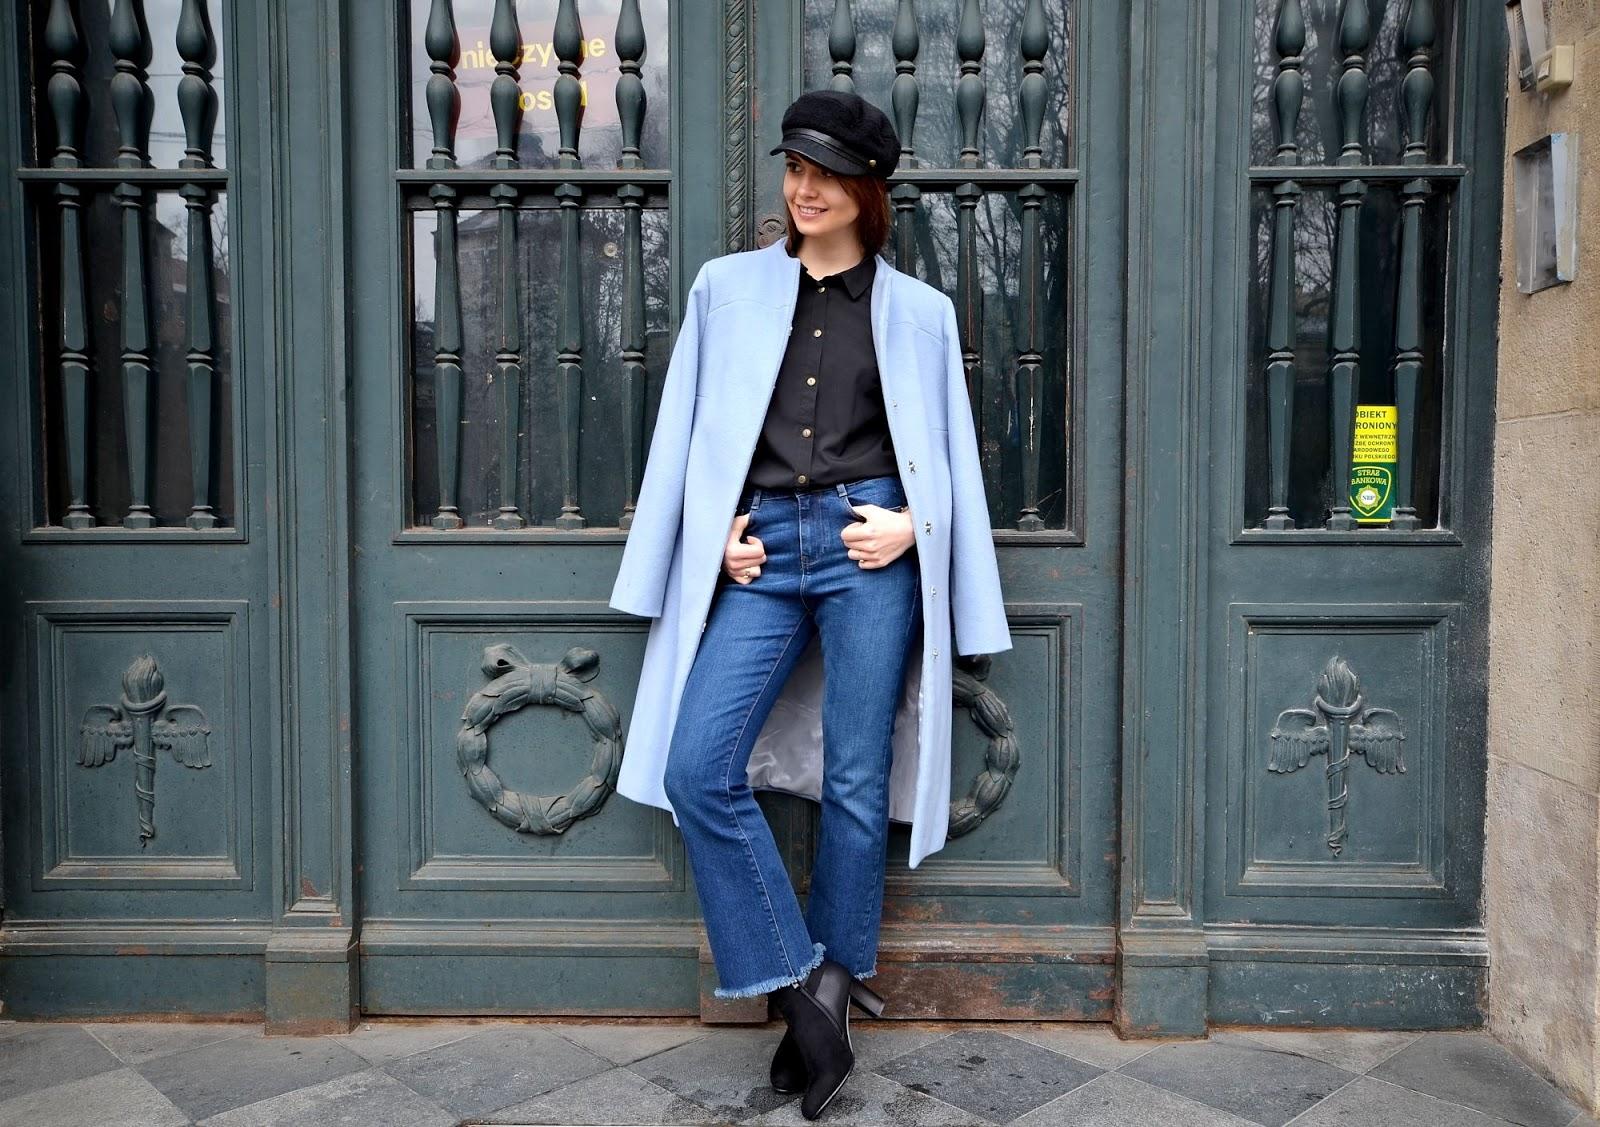 cammy | moda | jak znalezc swoj styl